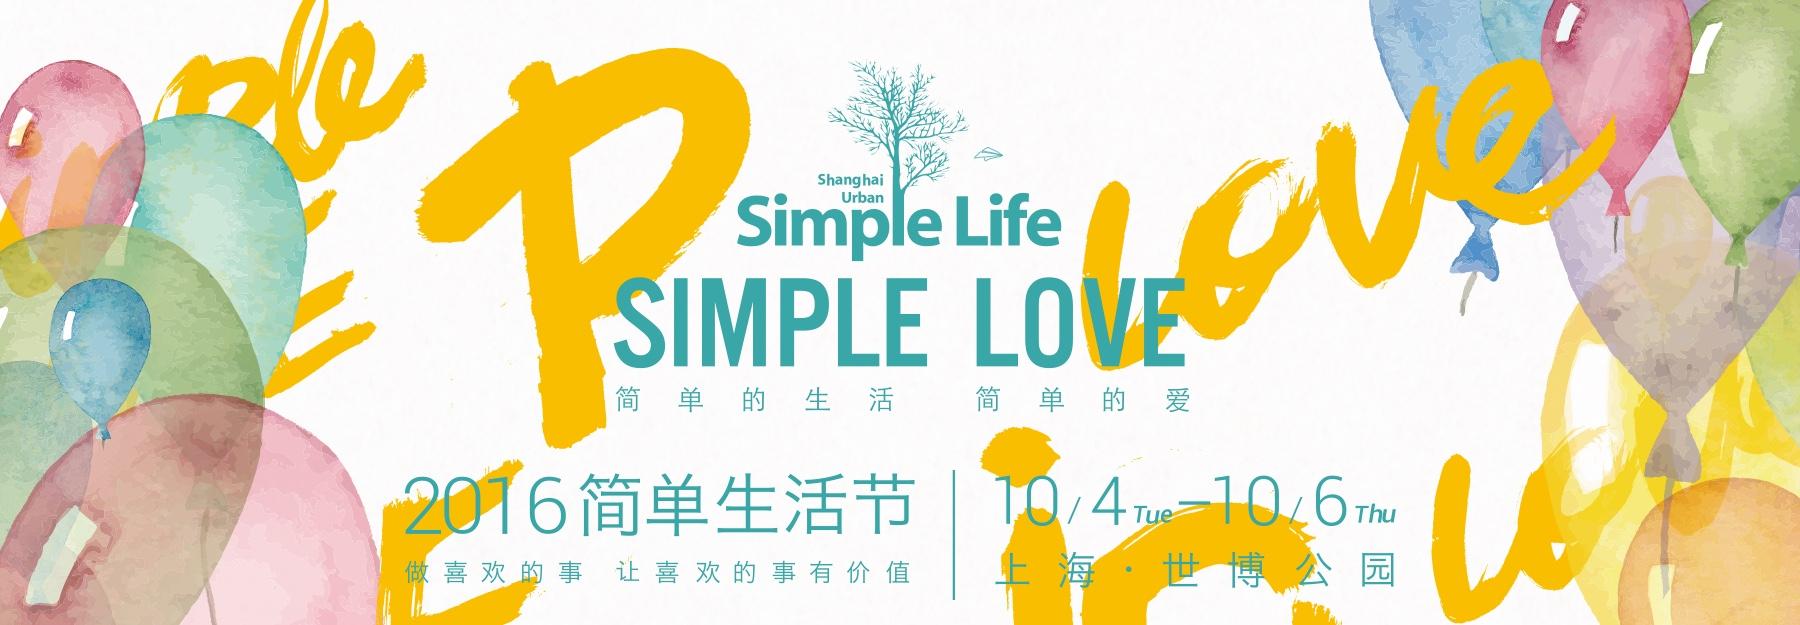 2016 上海简单生活节